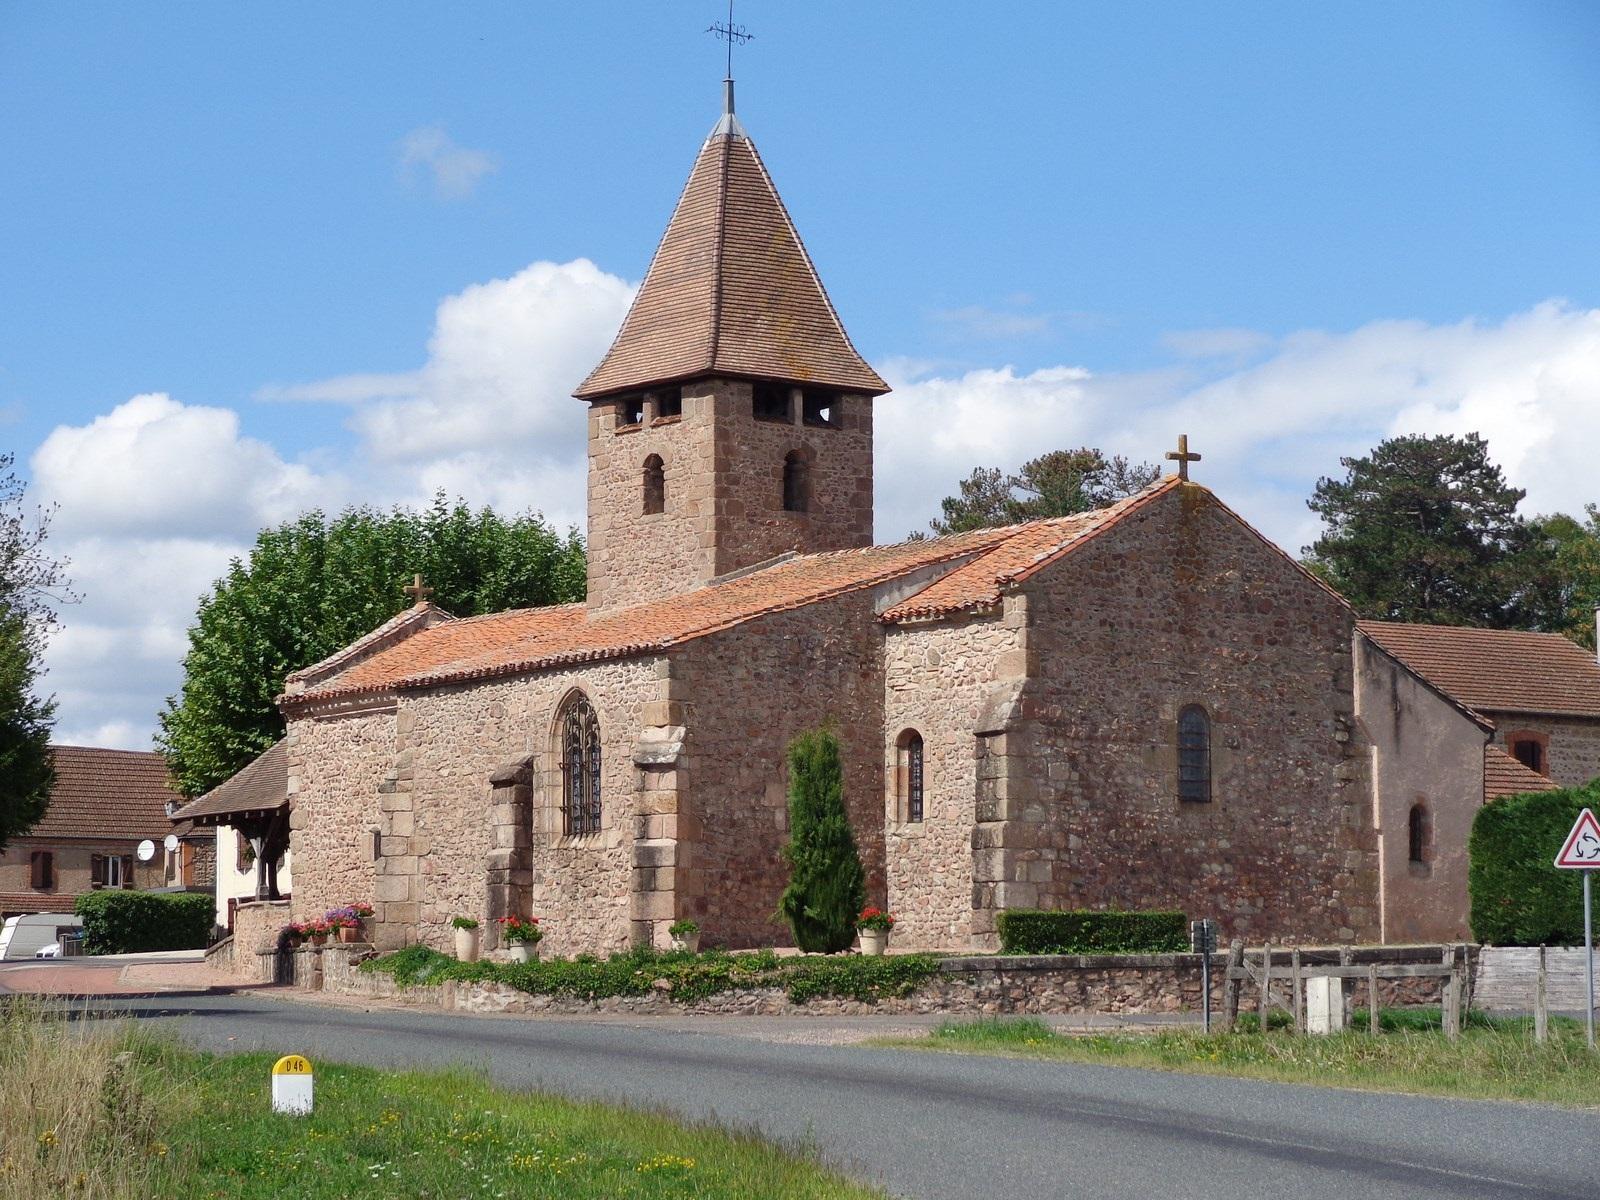 Eglise Romane de Sail-les-Bains. La Montagne du Bourdonnais vous attend (Chatel-Montagne) puis le Forez. Vous pouvez dormir dans ce coin pour la fin de la 3ème journée